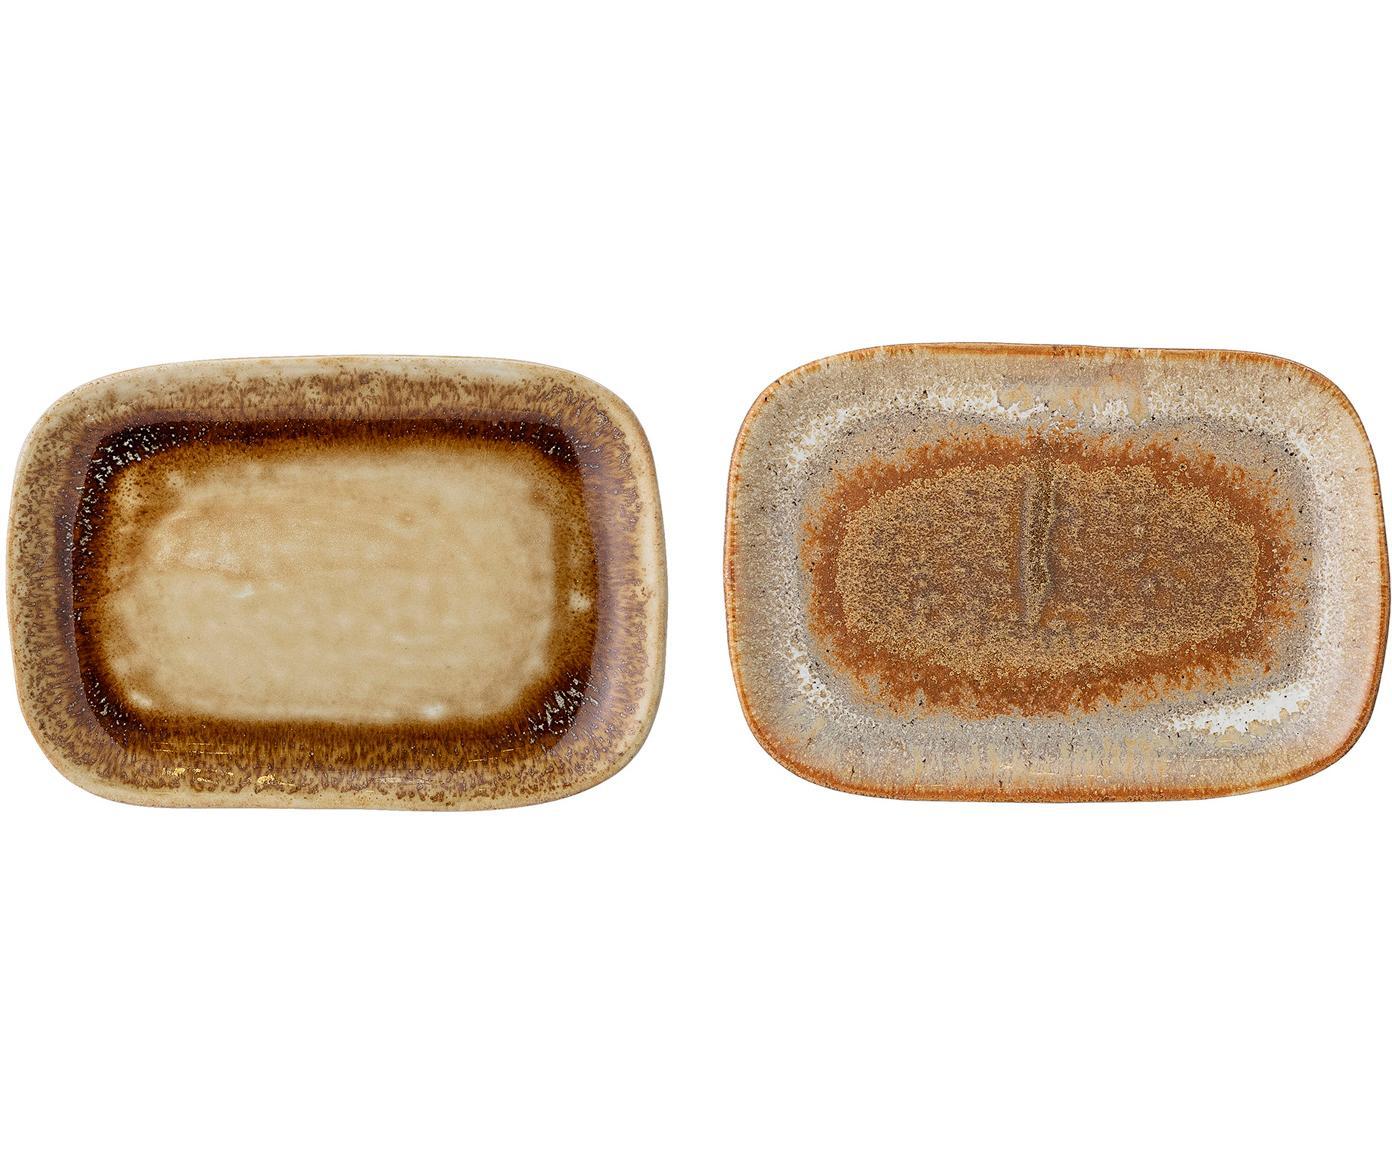 Set de fuentes artesanales Willow, 2pzas., Gres, Marrón, An 14x F 10 cm